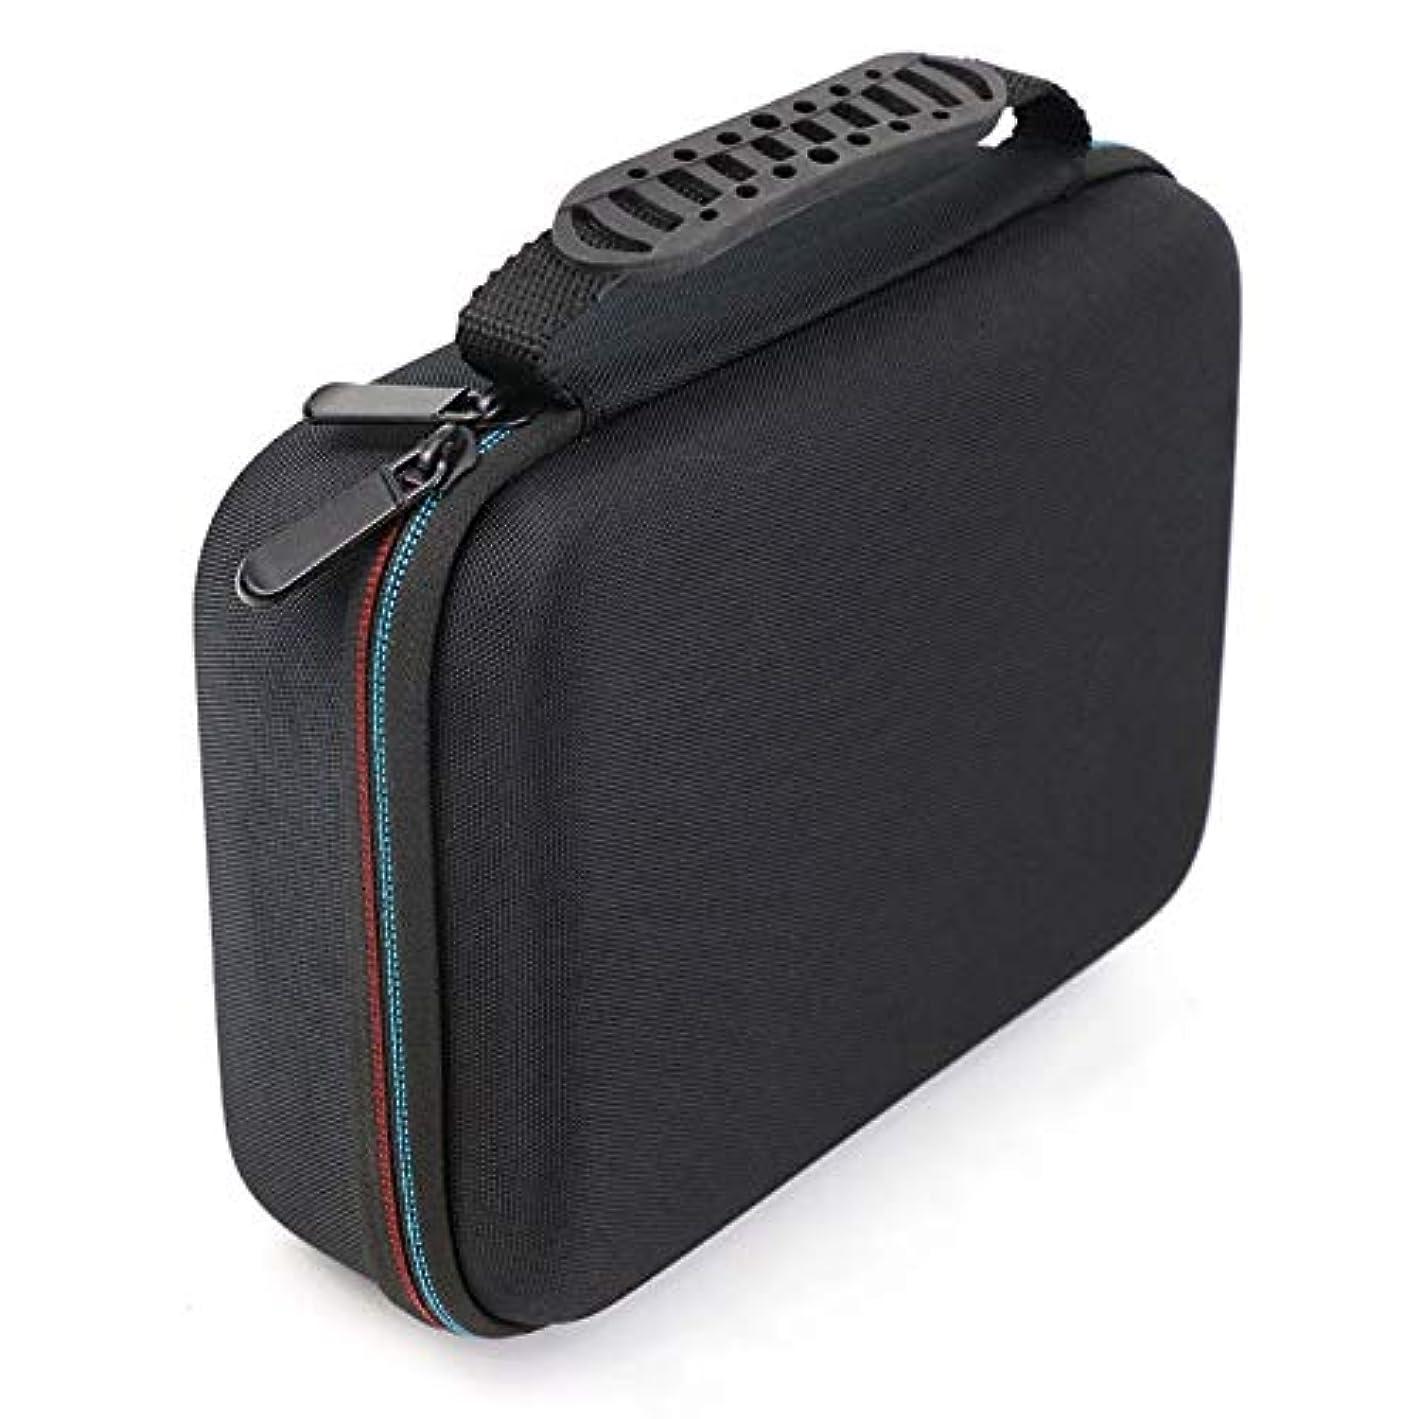 心配バーガー支援するCUHAWUDBA バリカンの収納ケース、携帯用ケース、耐衝撃バッグ、シェーバーのキット、Evaハードケース、収納バッグ、 Mgk3020/3060/3080用